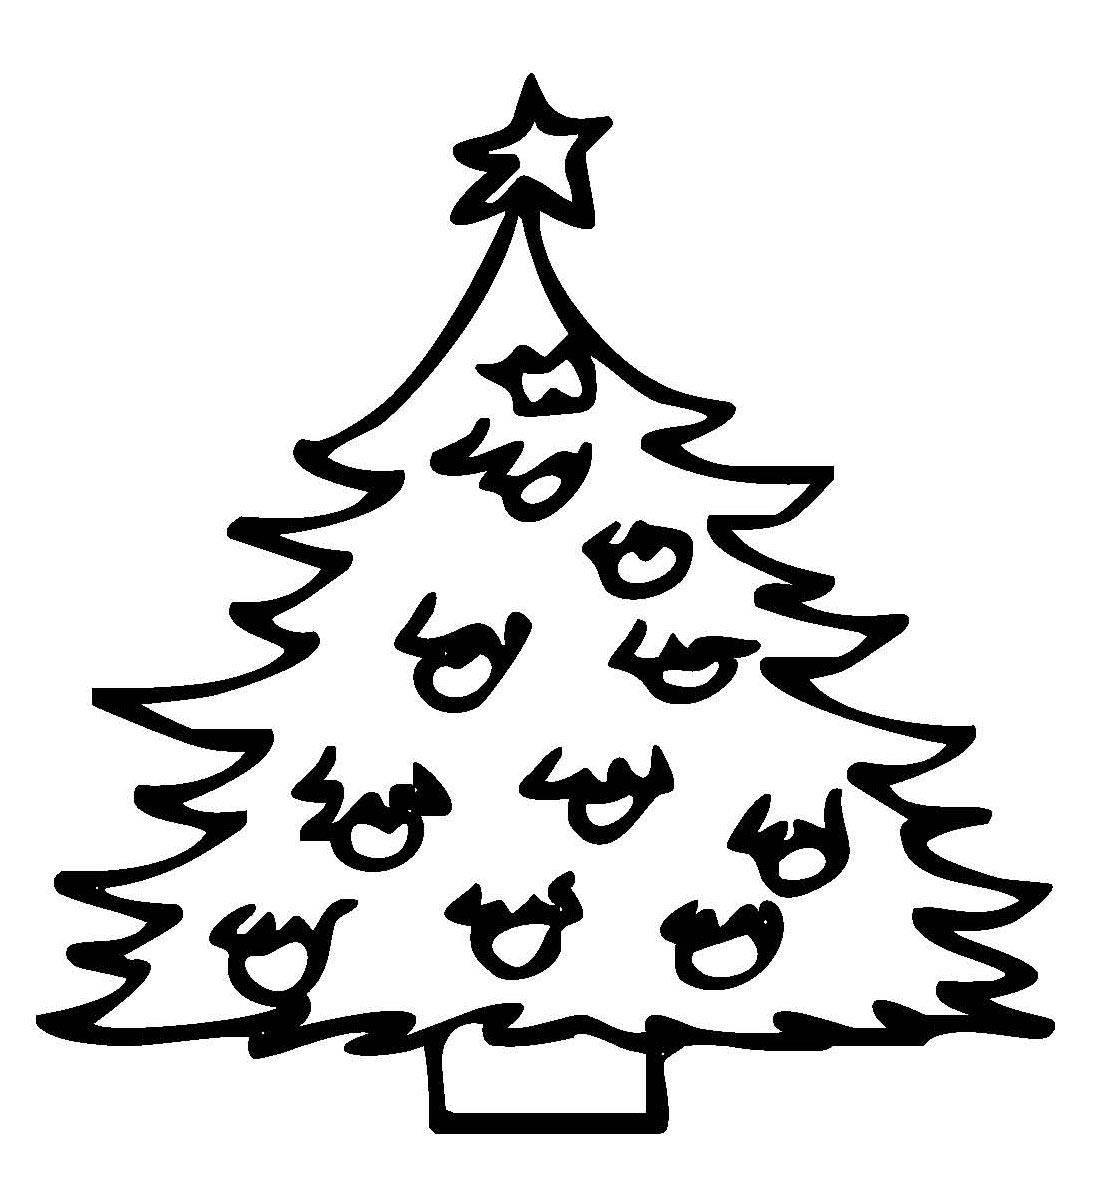 Kostenlose Ausmalbilder Und Malvorlagen: Weihnachtsbäume Zum über Weihnachtsbaum Malvorlage